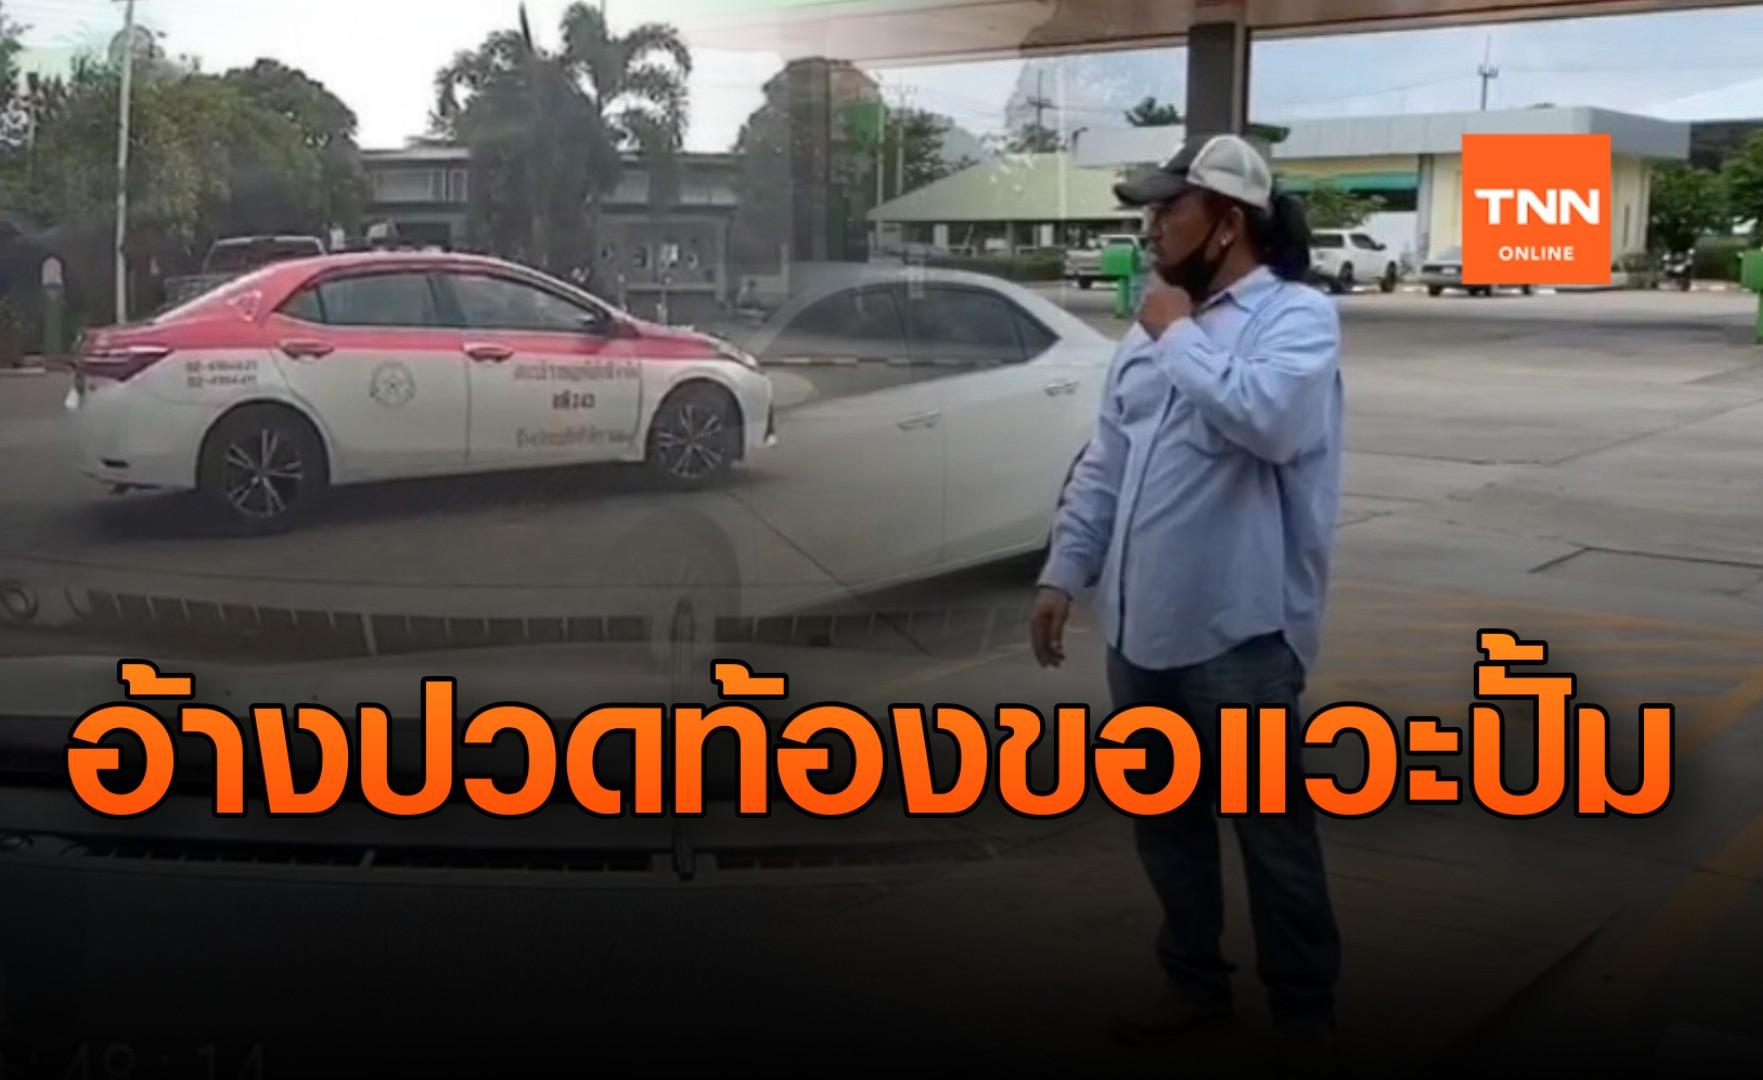 ผู้โดยสารแสบ! ออกอุบายหลอก แท็กซี่ จอดปั้มเข้าห้องน้ำ ก่อนเชิดรถหนี